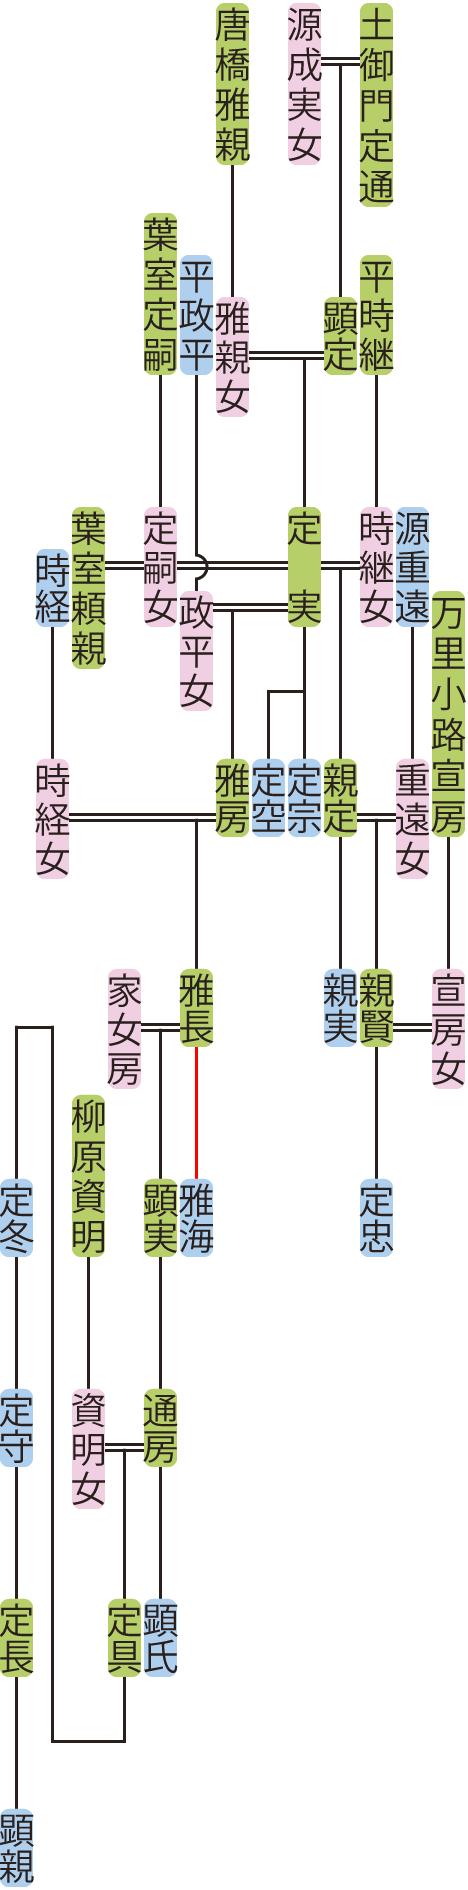 土御門定実の系図